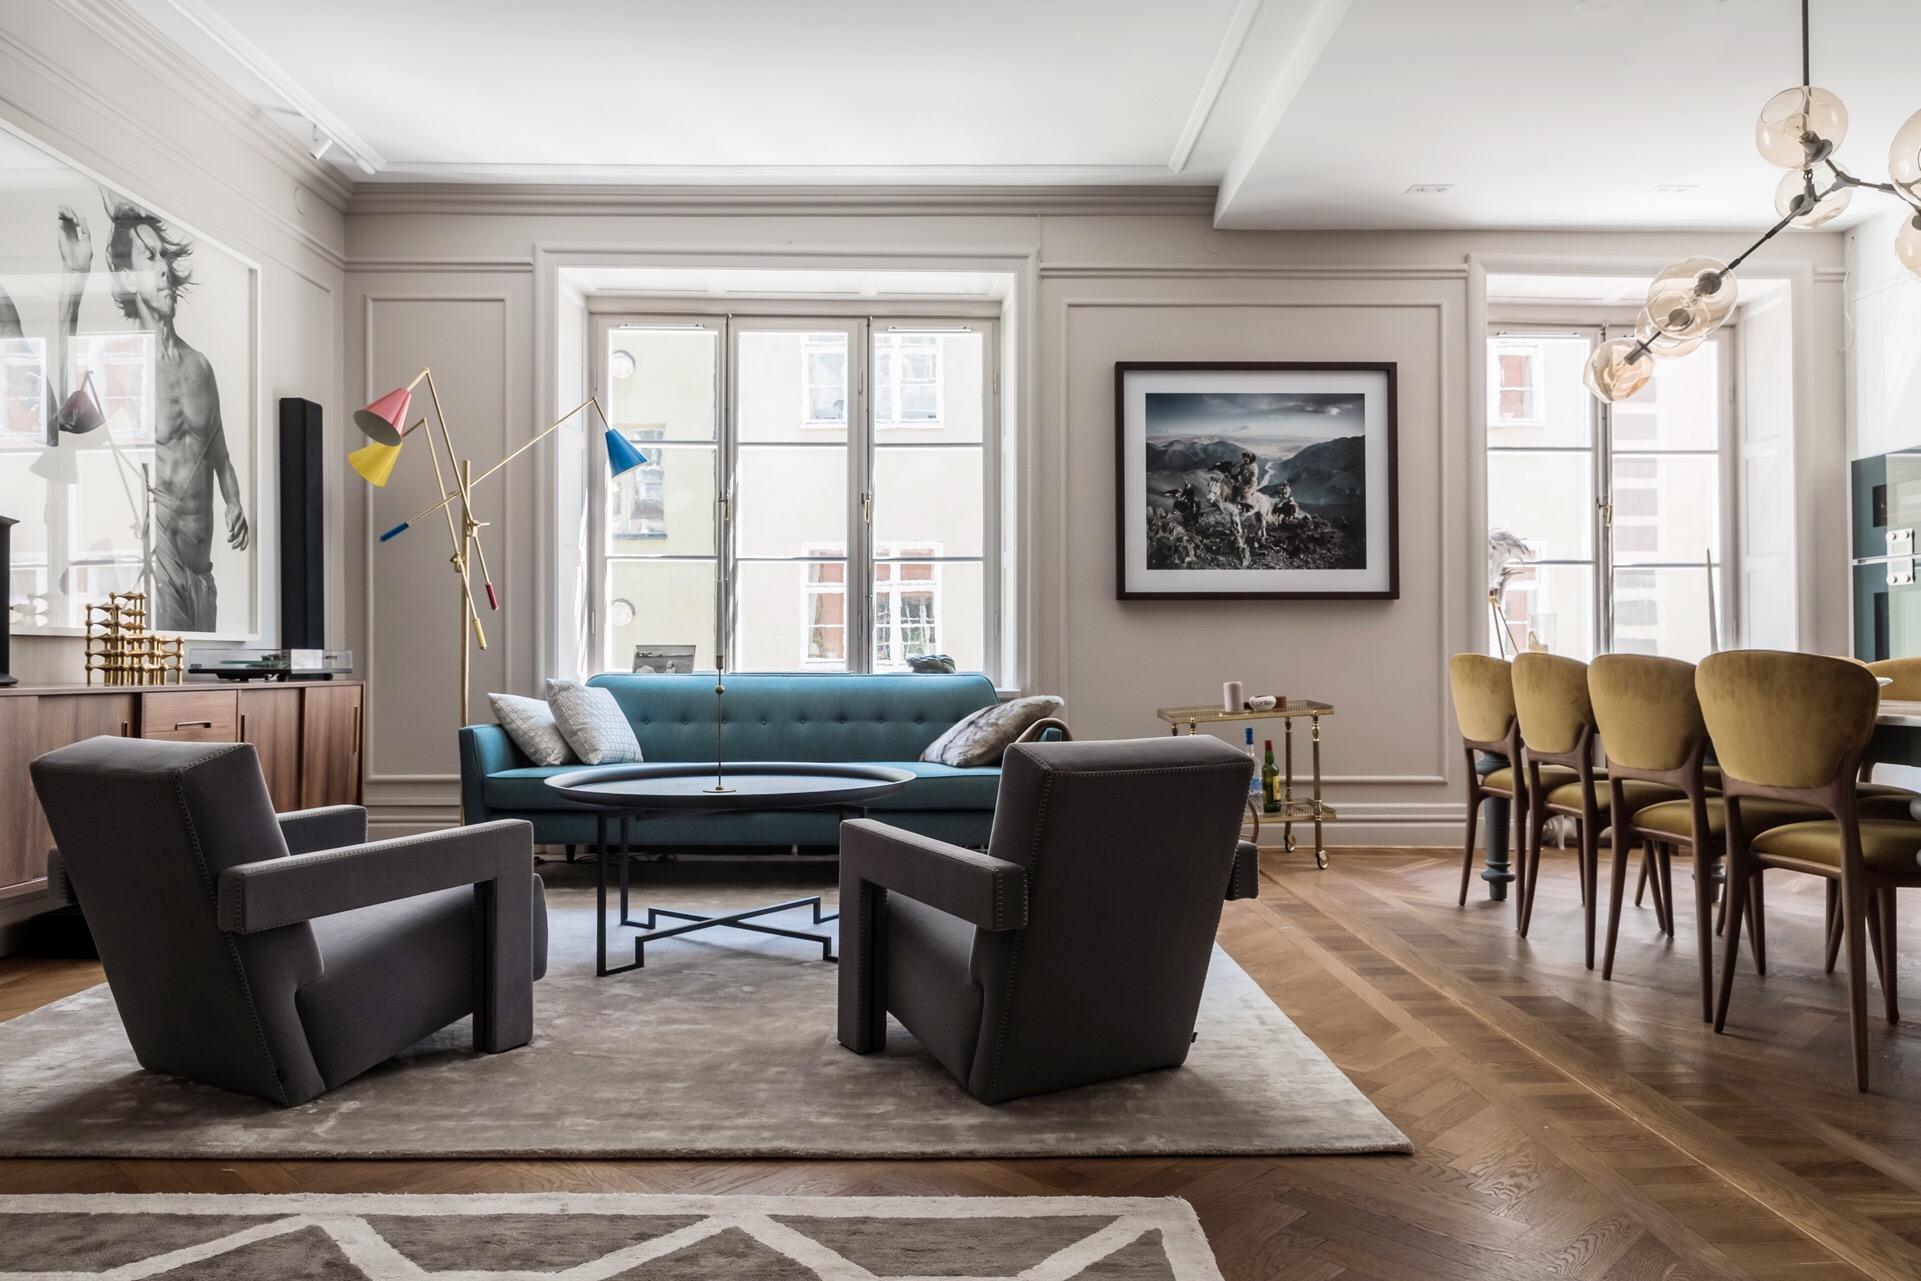 гостиная стены молдинги окно мягкая мебель кресла журнальный столик ковер комод обеденный стол